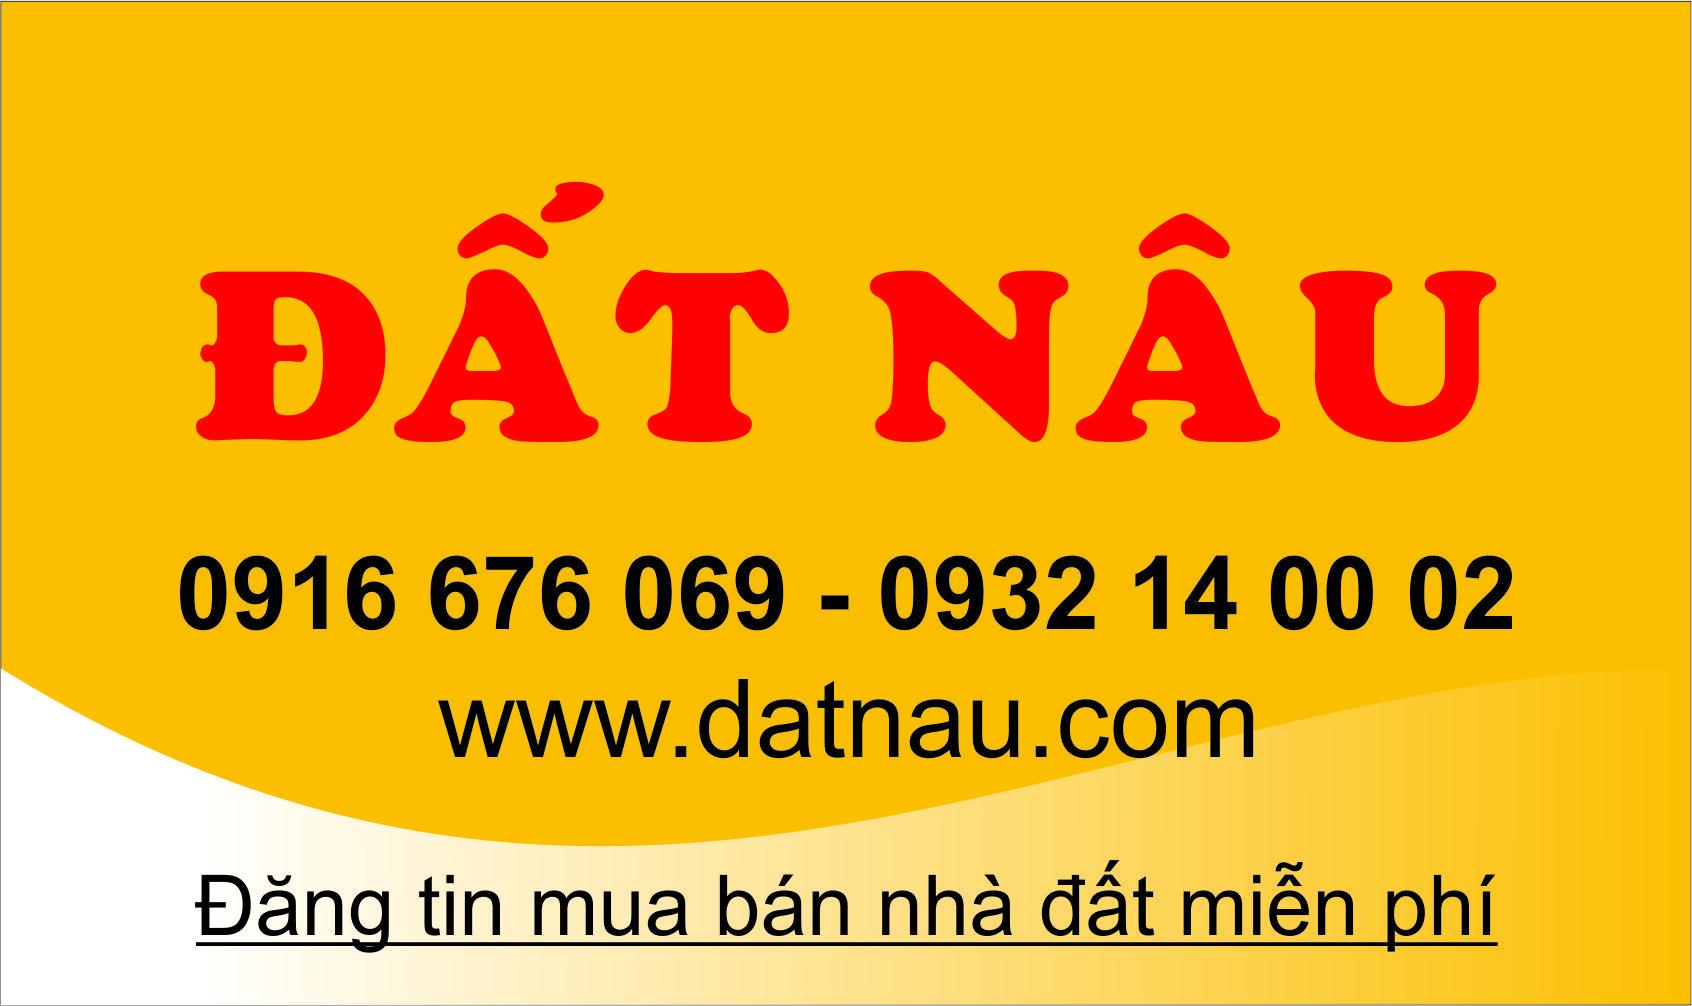 Hãy đến với datnau để đăng tin mua bán nhà đất Datnau.com